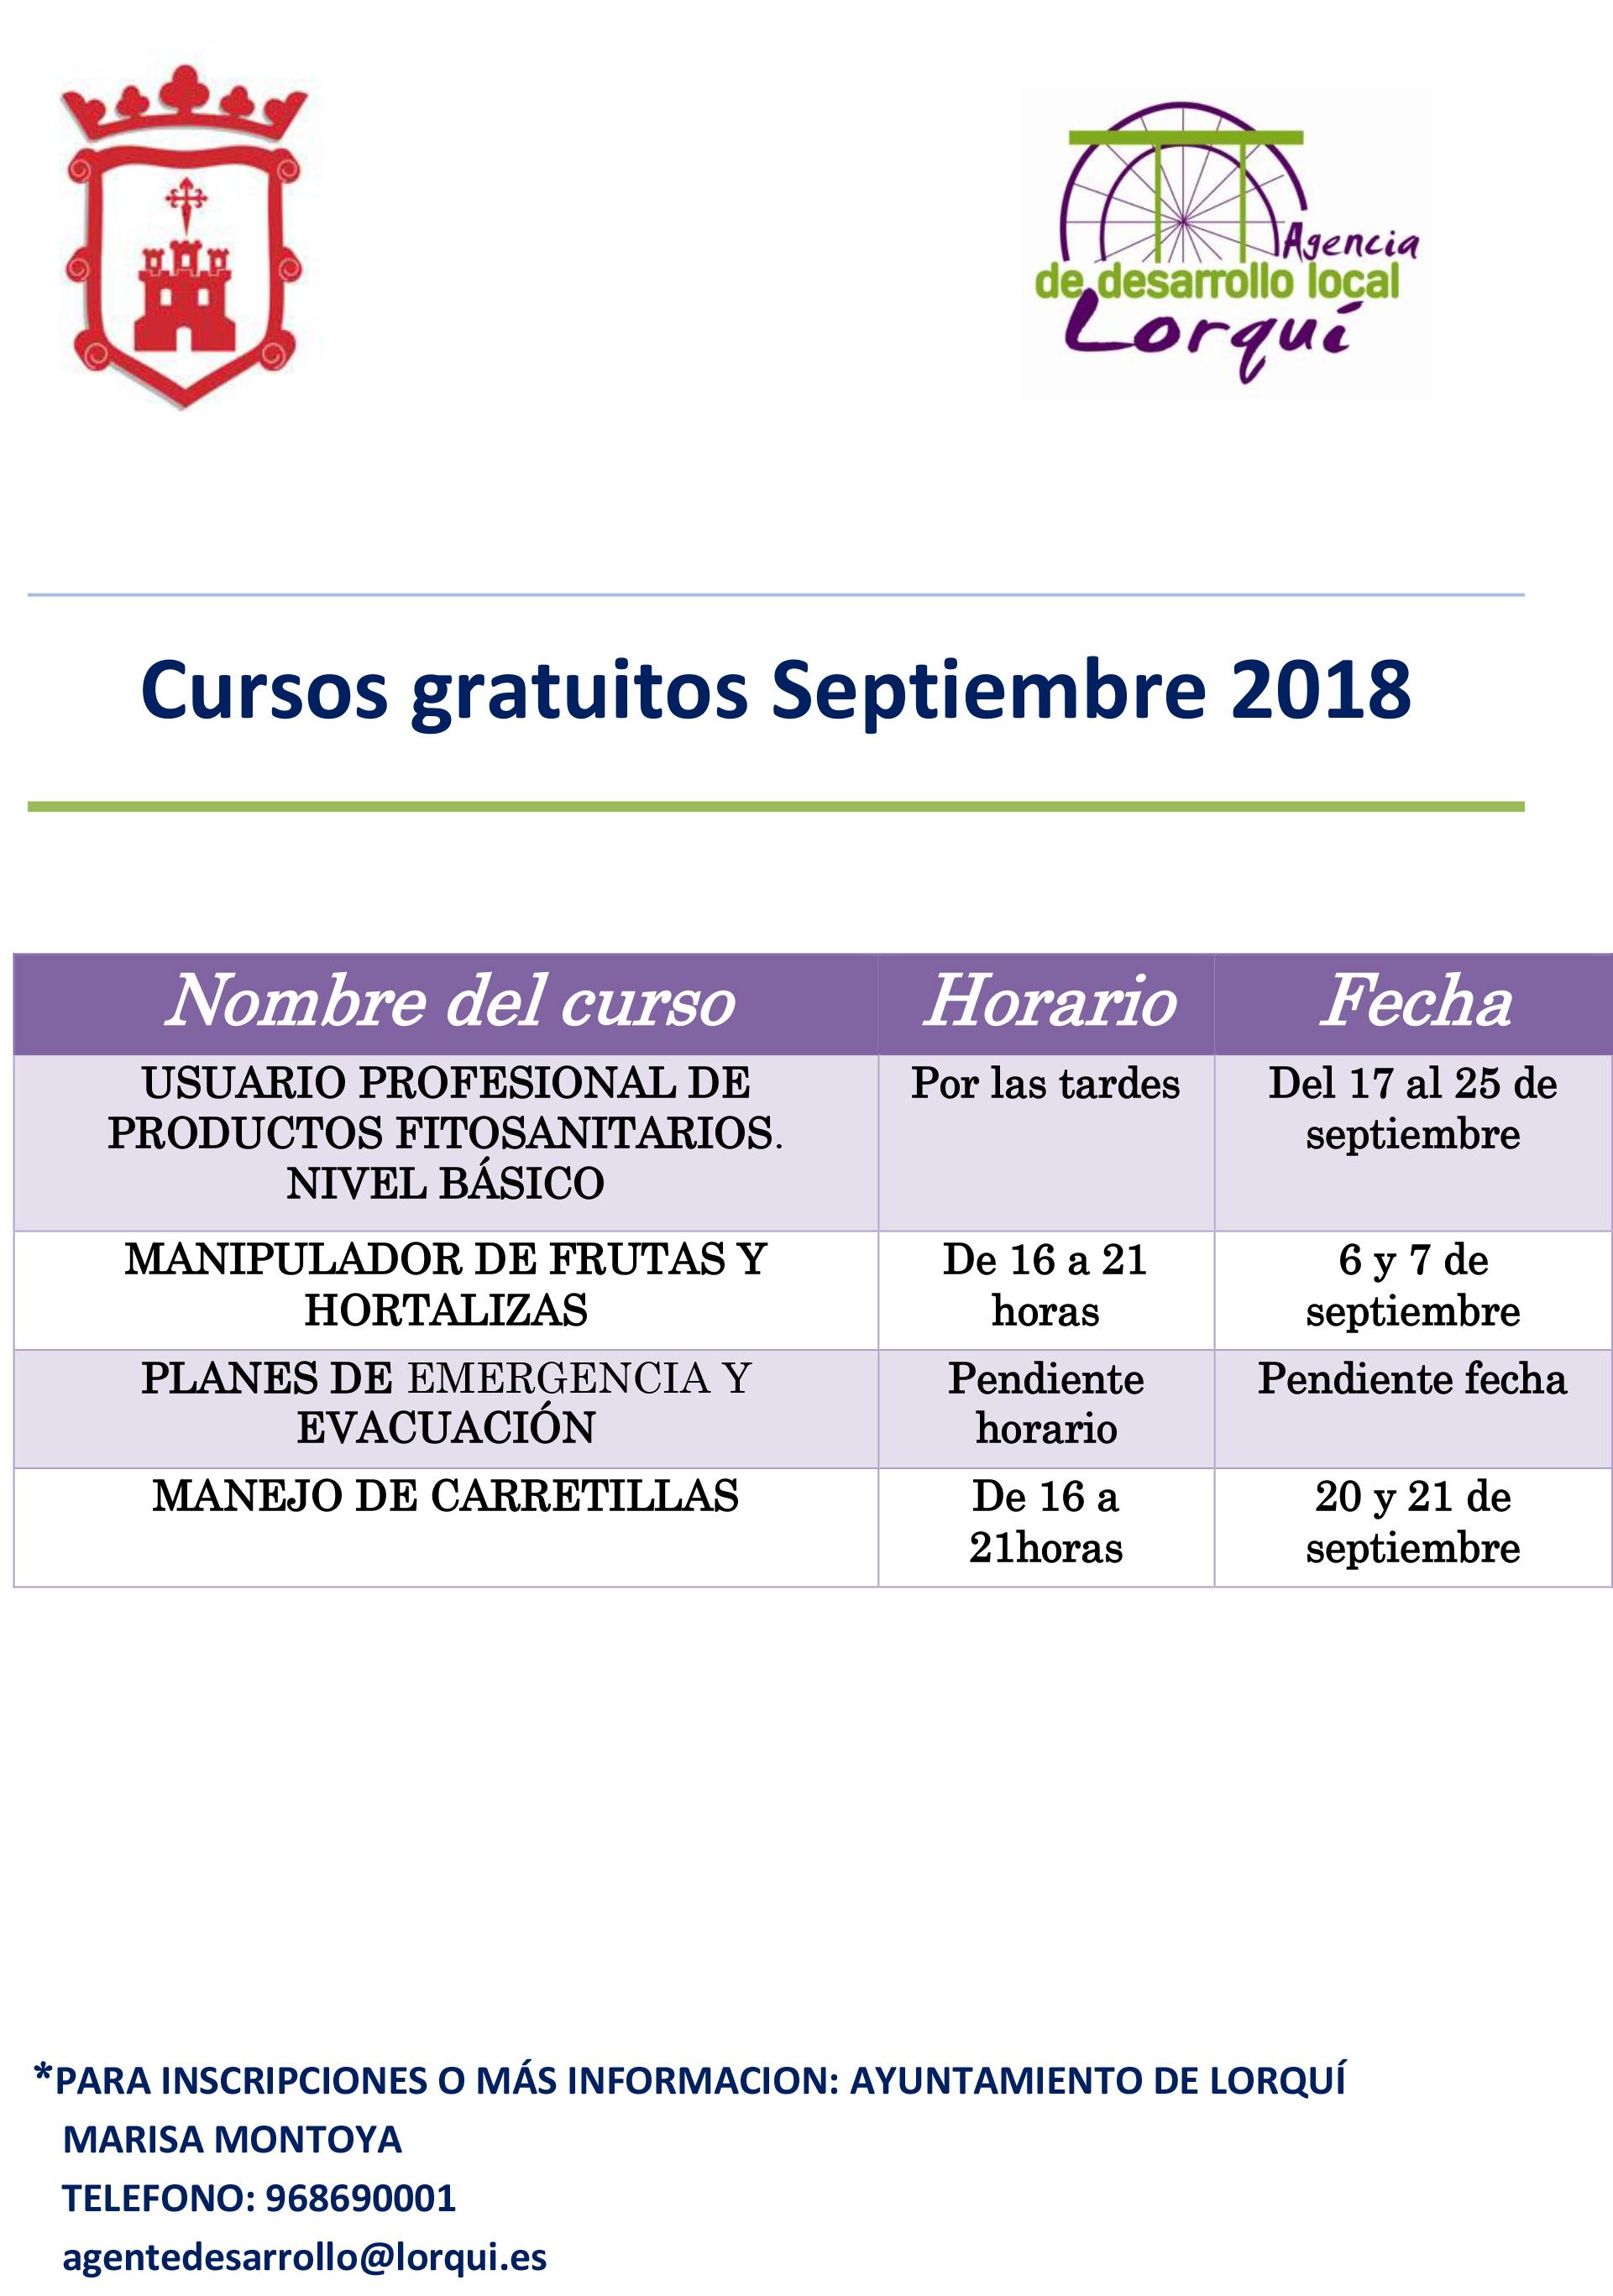 Cursos gratuitos Septiembre 2018